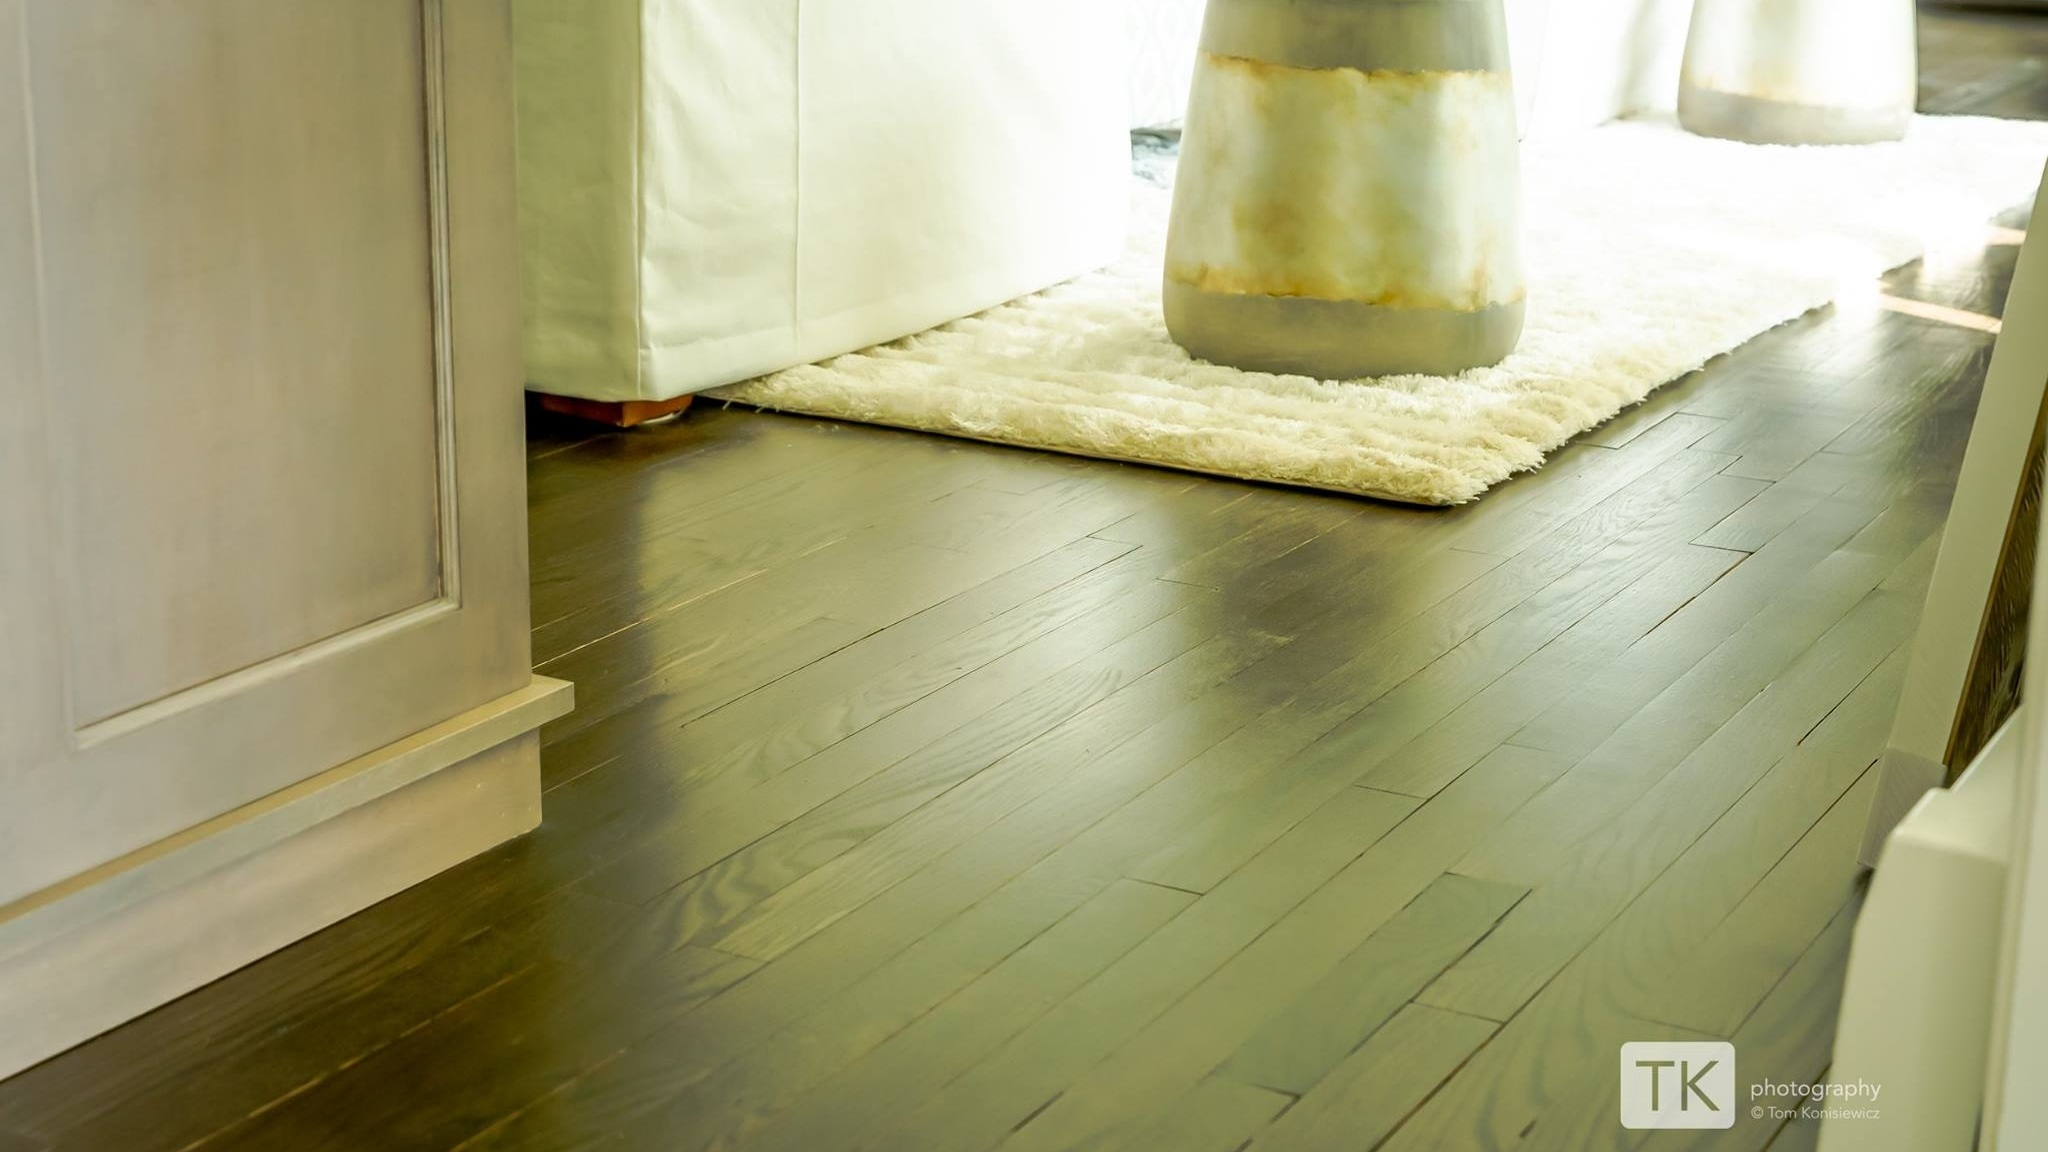 Ebony Stain on Refinished Red Oak Hardwood Floors